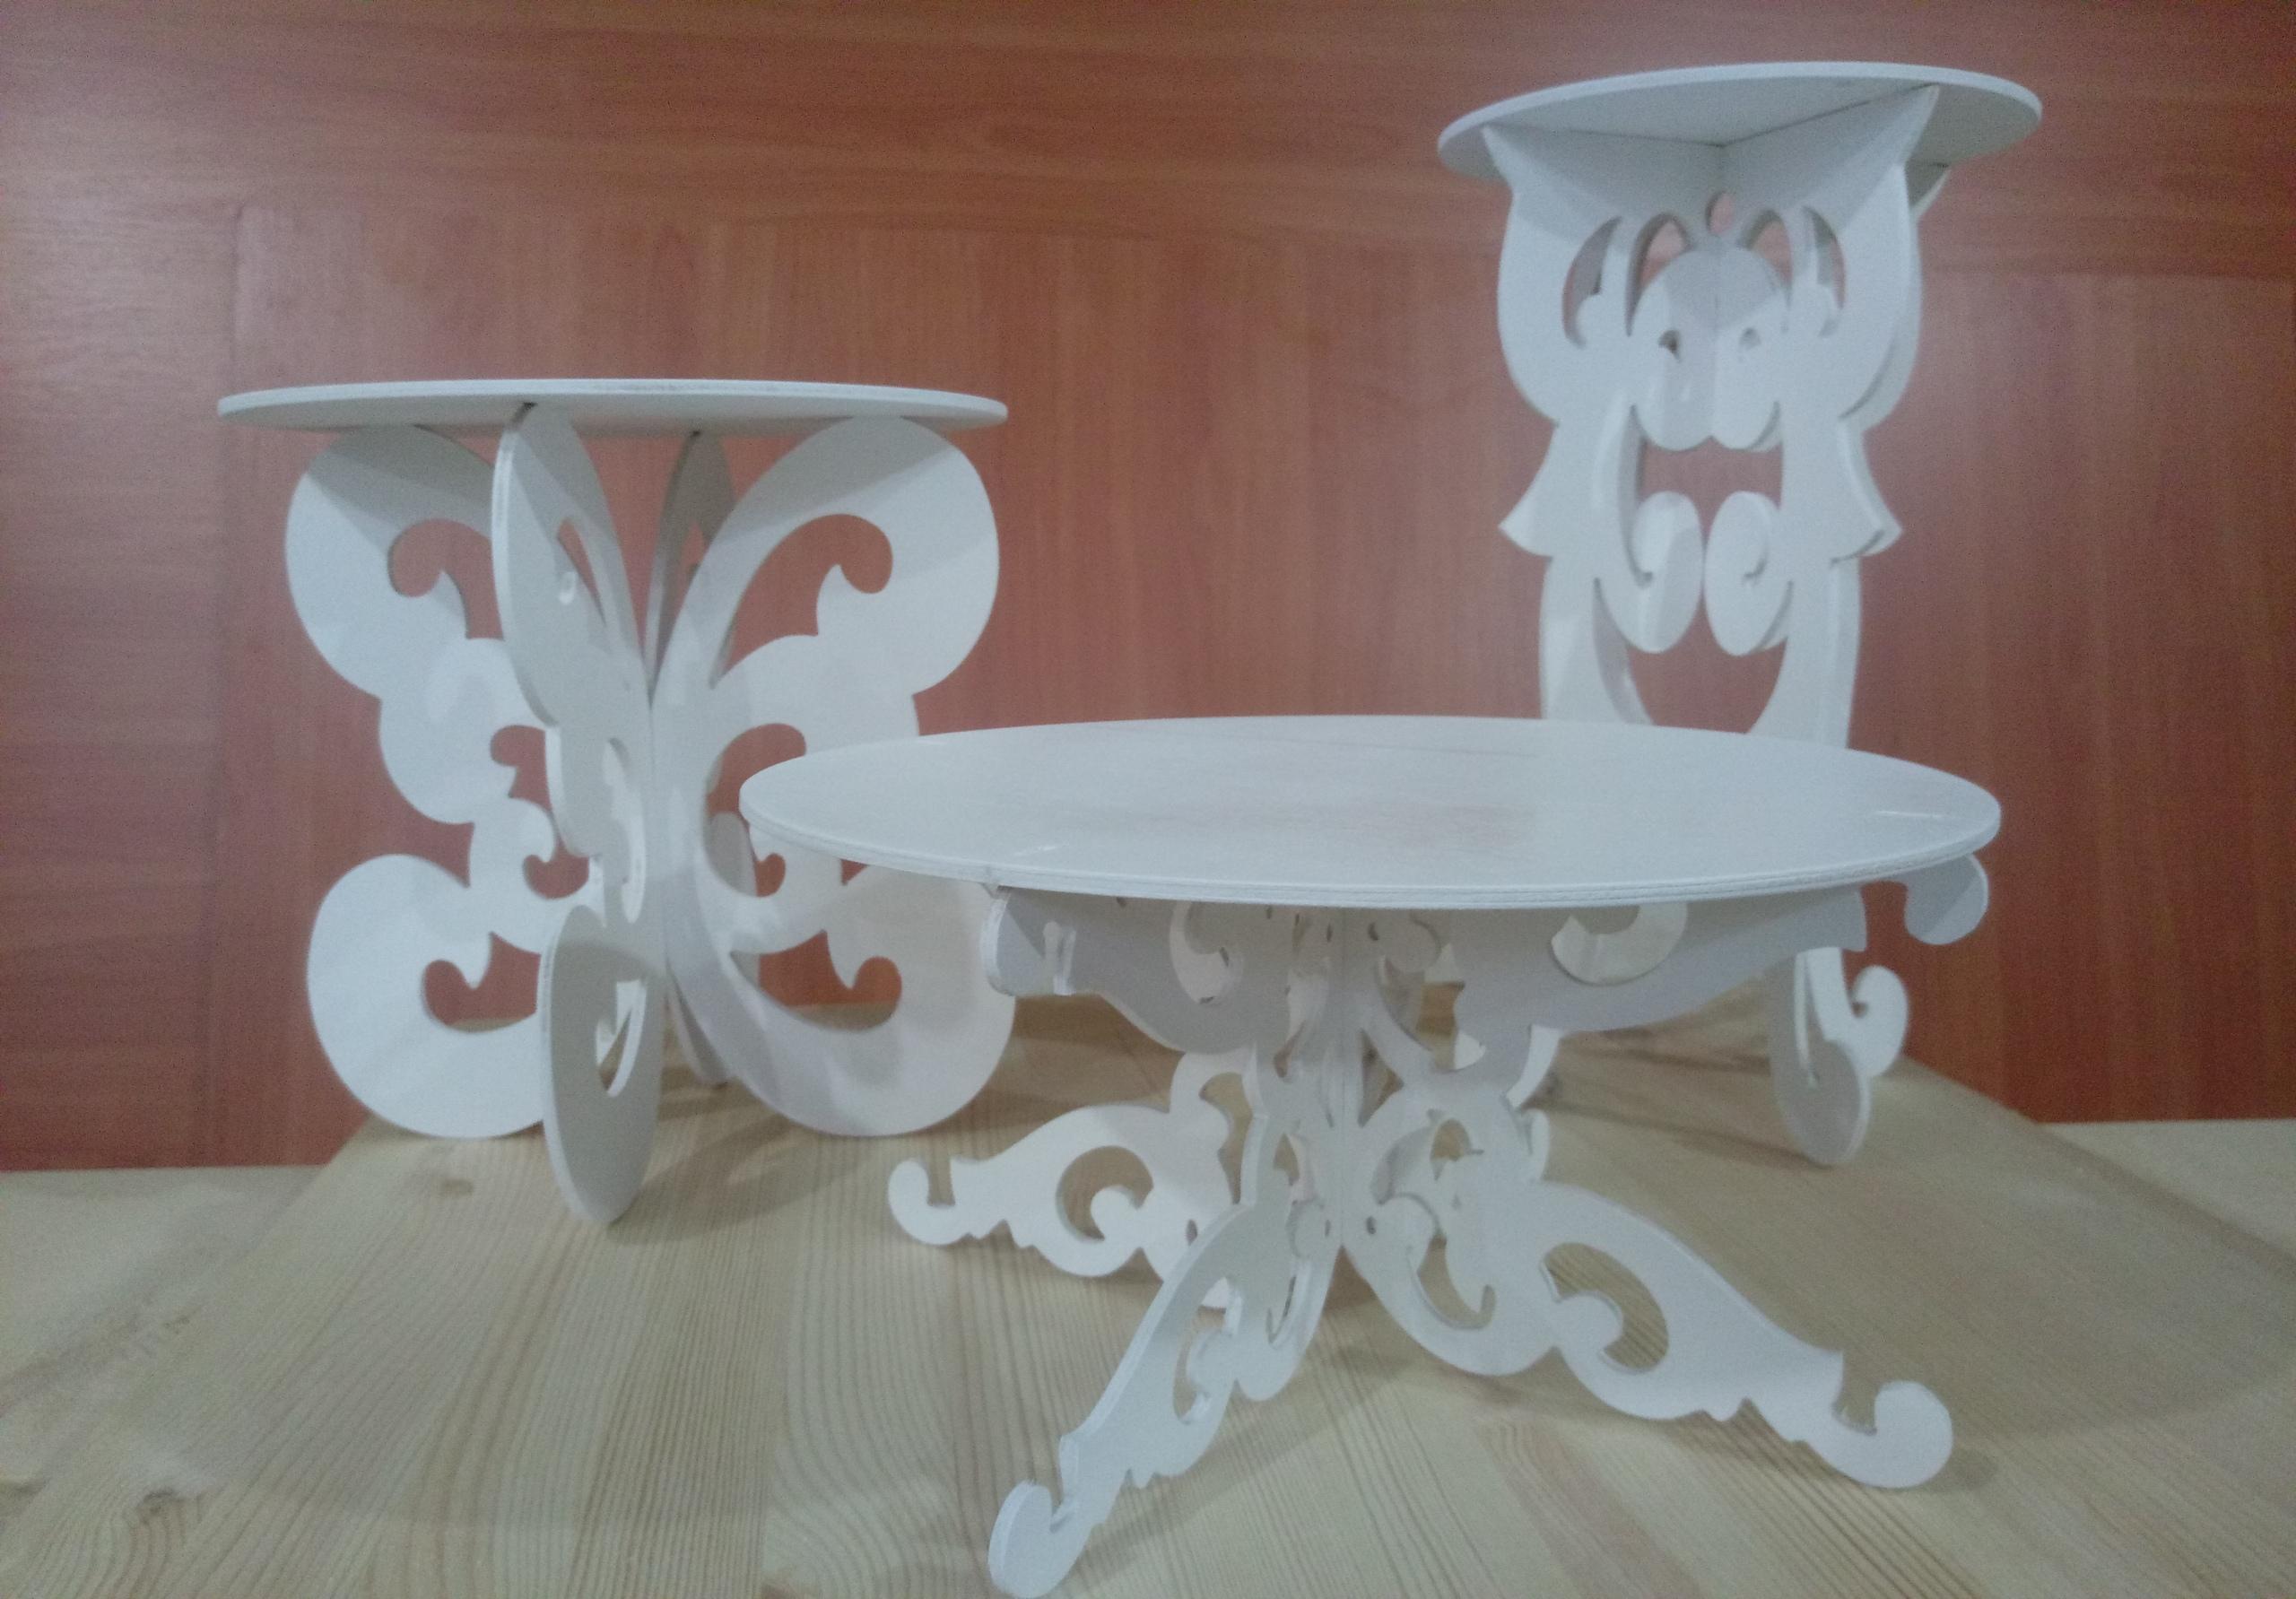 Decorative Tables 3D Puzzle